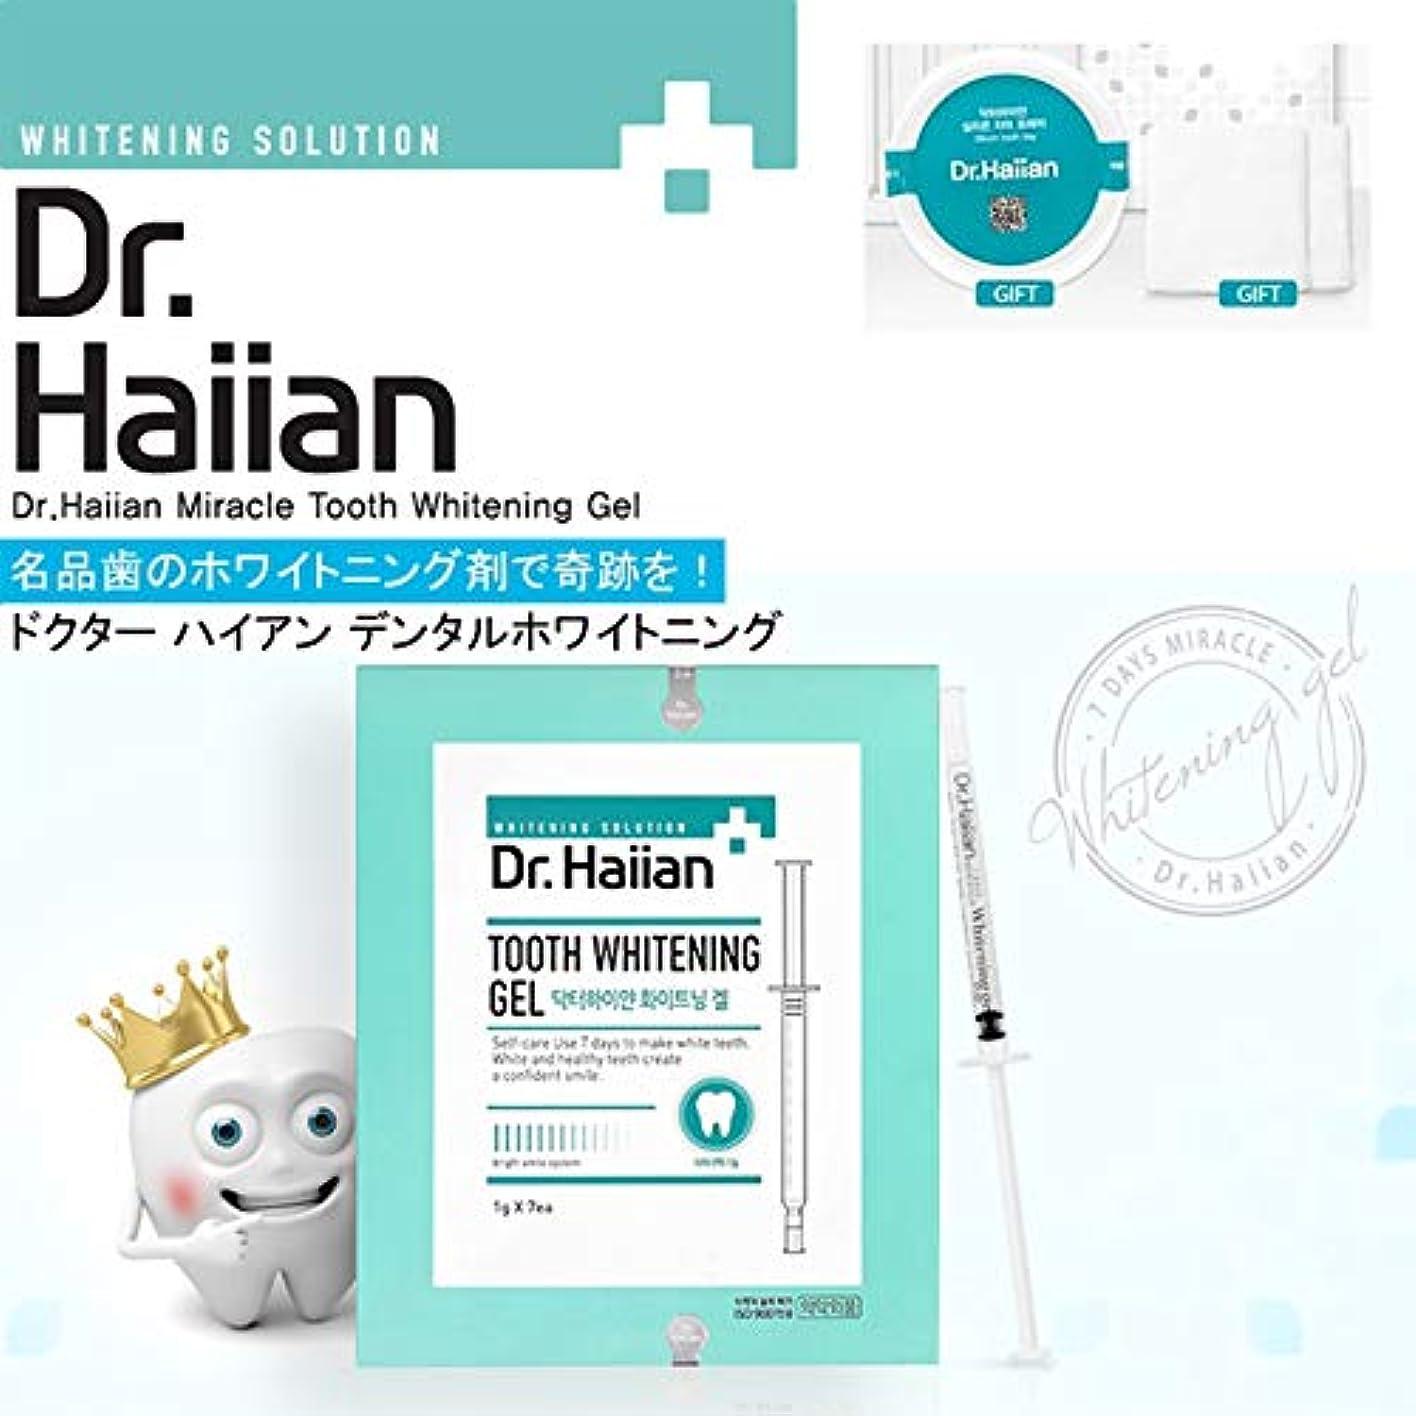 恥ずかしいレタッチ重なる[SAMSUNG PHARM]Dr.Haiian 7Days Miracle/7日間の奇跡 [SAMSUNG PHARM]白い歯を管理するための/使ったら歯が白くなる!/Self-Teeth Whitening Agent...